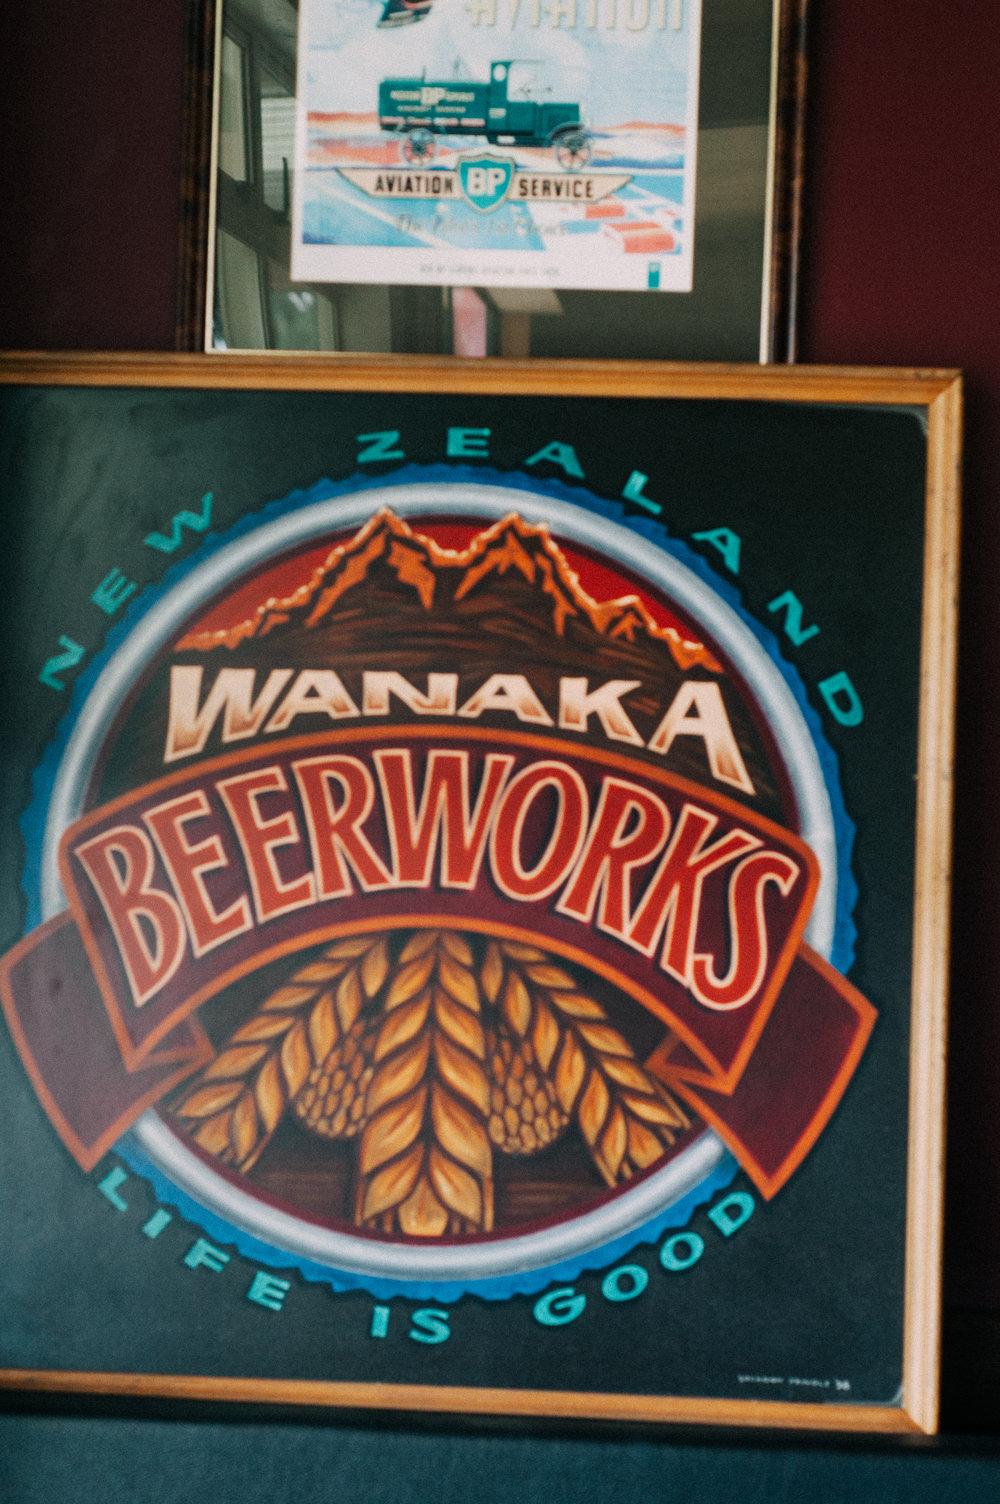 wanaka beerworks (2 of 2).jpg